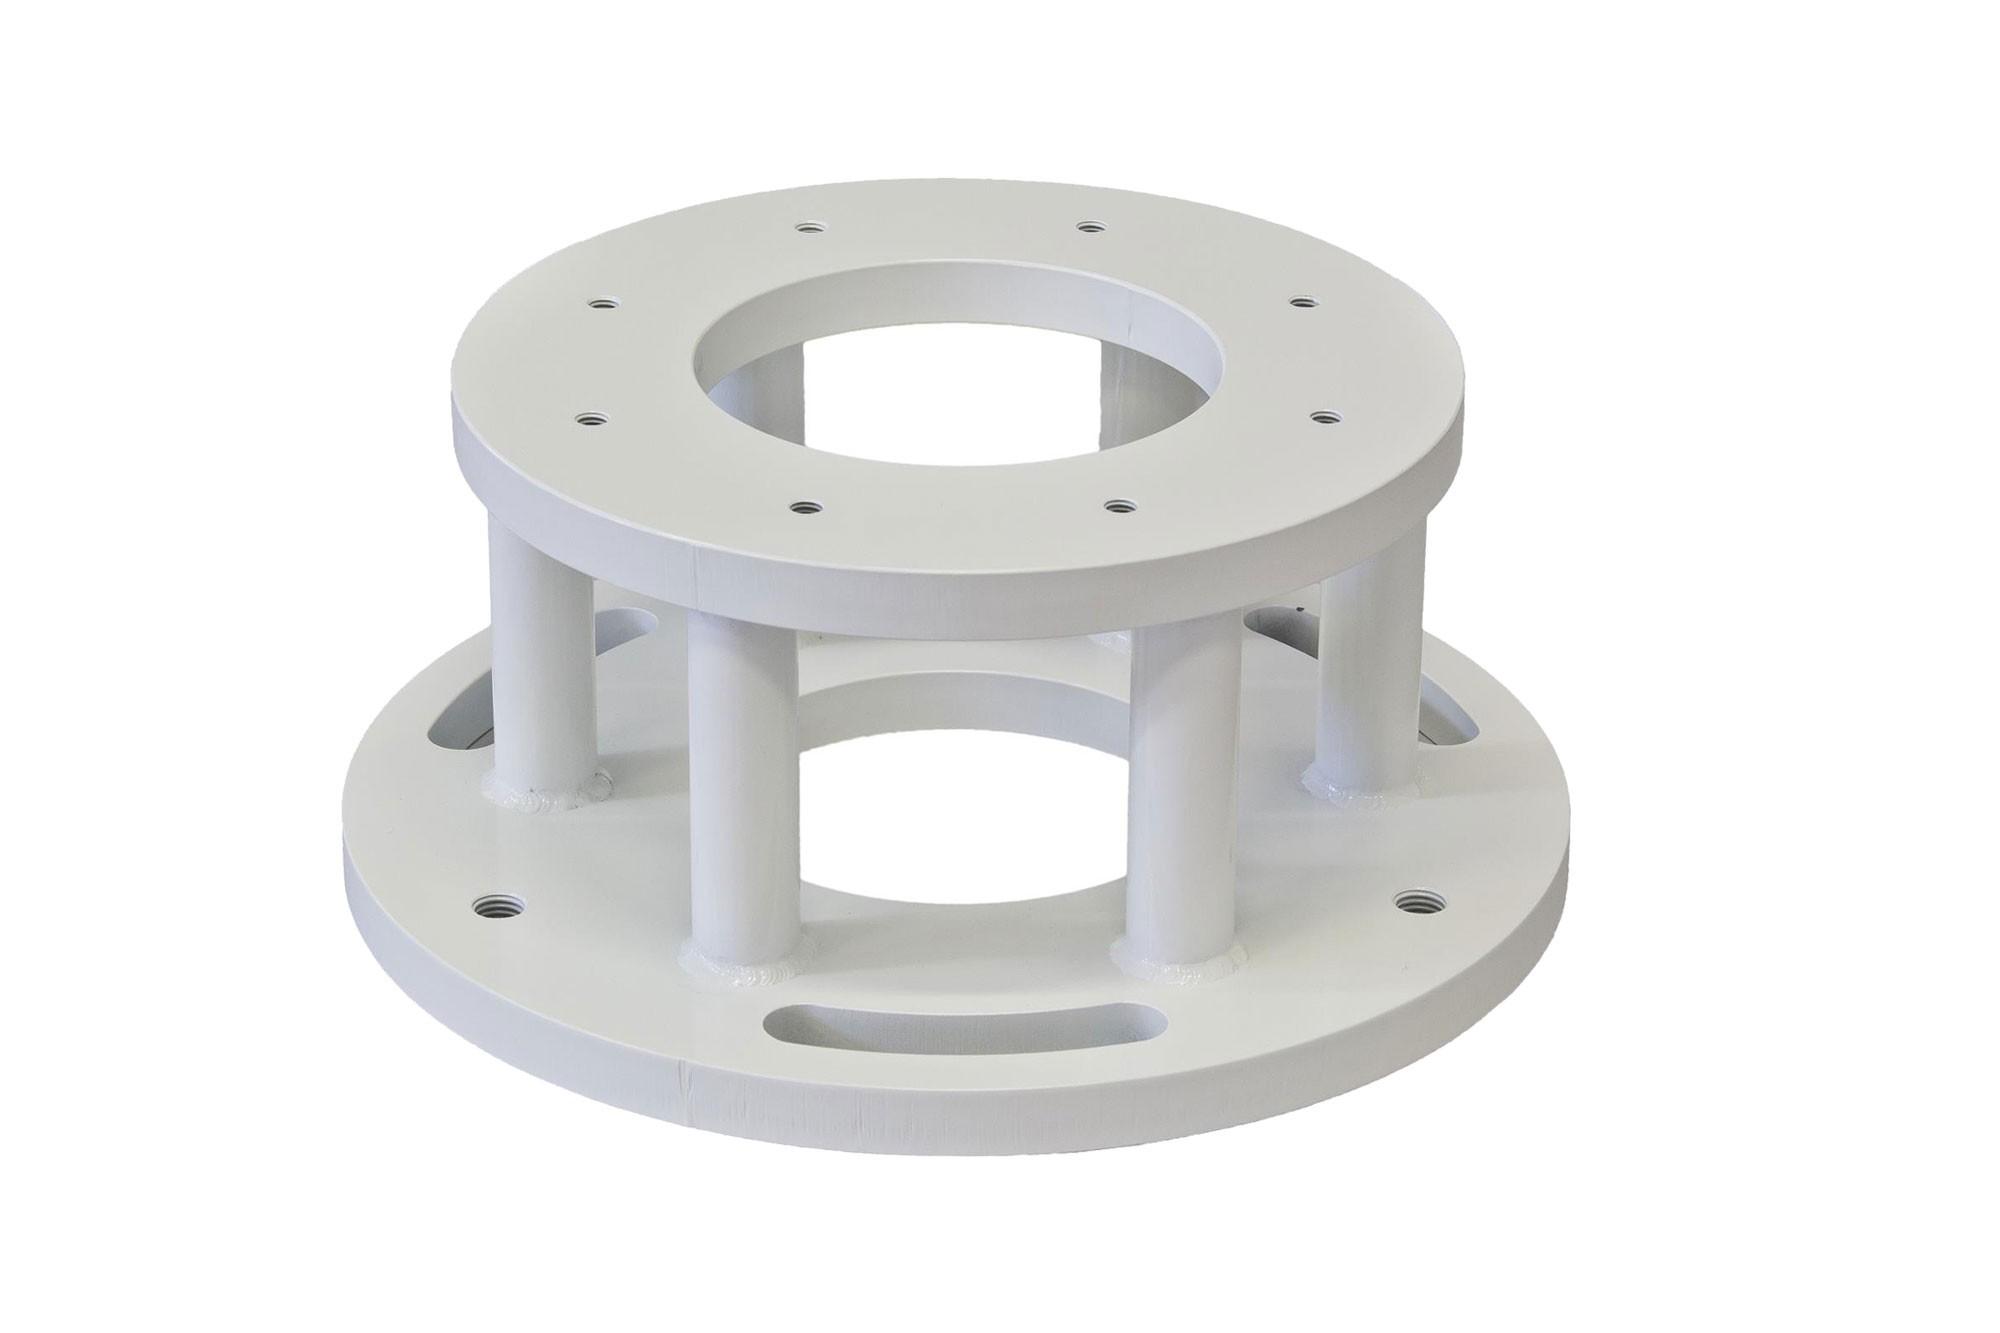 Baader Heavy Pillar (BHP) Nivellierflansch für GM 3000 Montierung, Höhe 15 cm